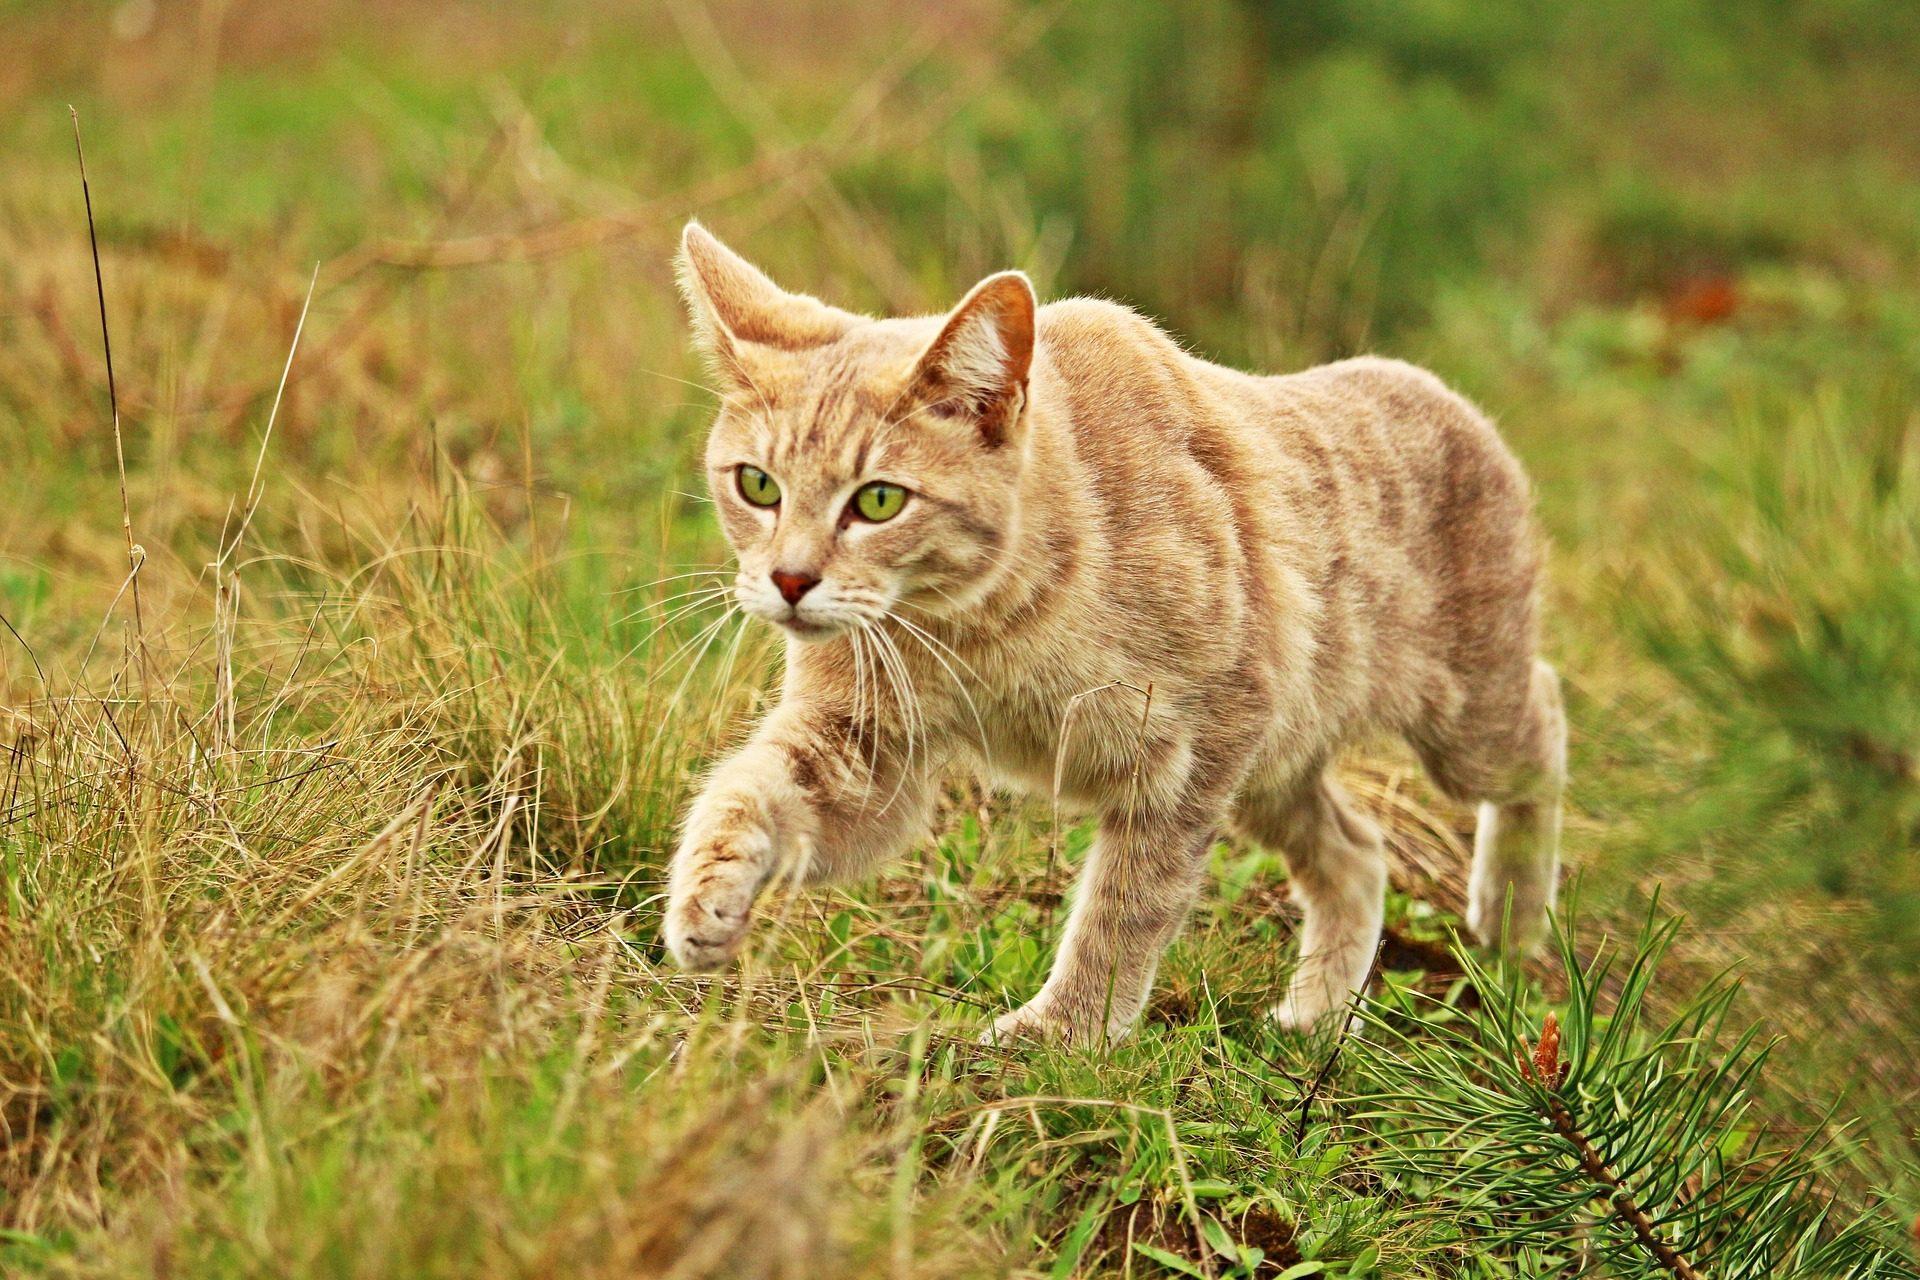 gato, felino, campo, peles, Olha - Papéis de parede HD - Professor-falken.com